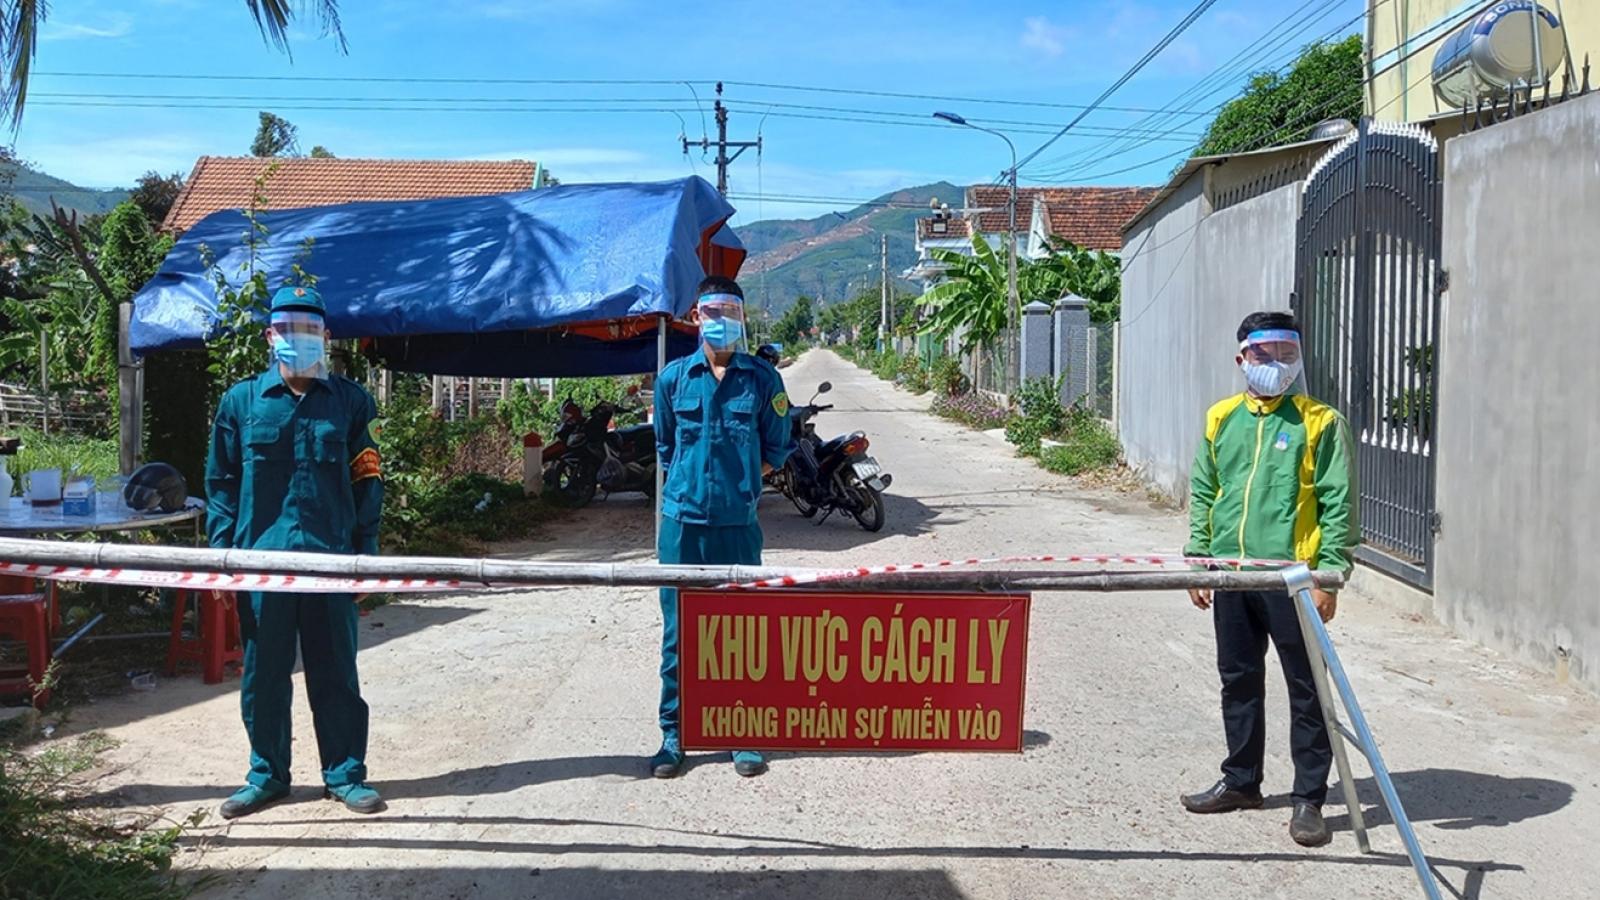 Thị xã An Nhơn, tỉnh Bình Định giãn cách xã hội theo Chỉ thị 16